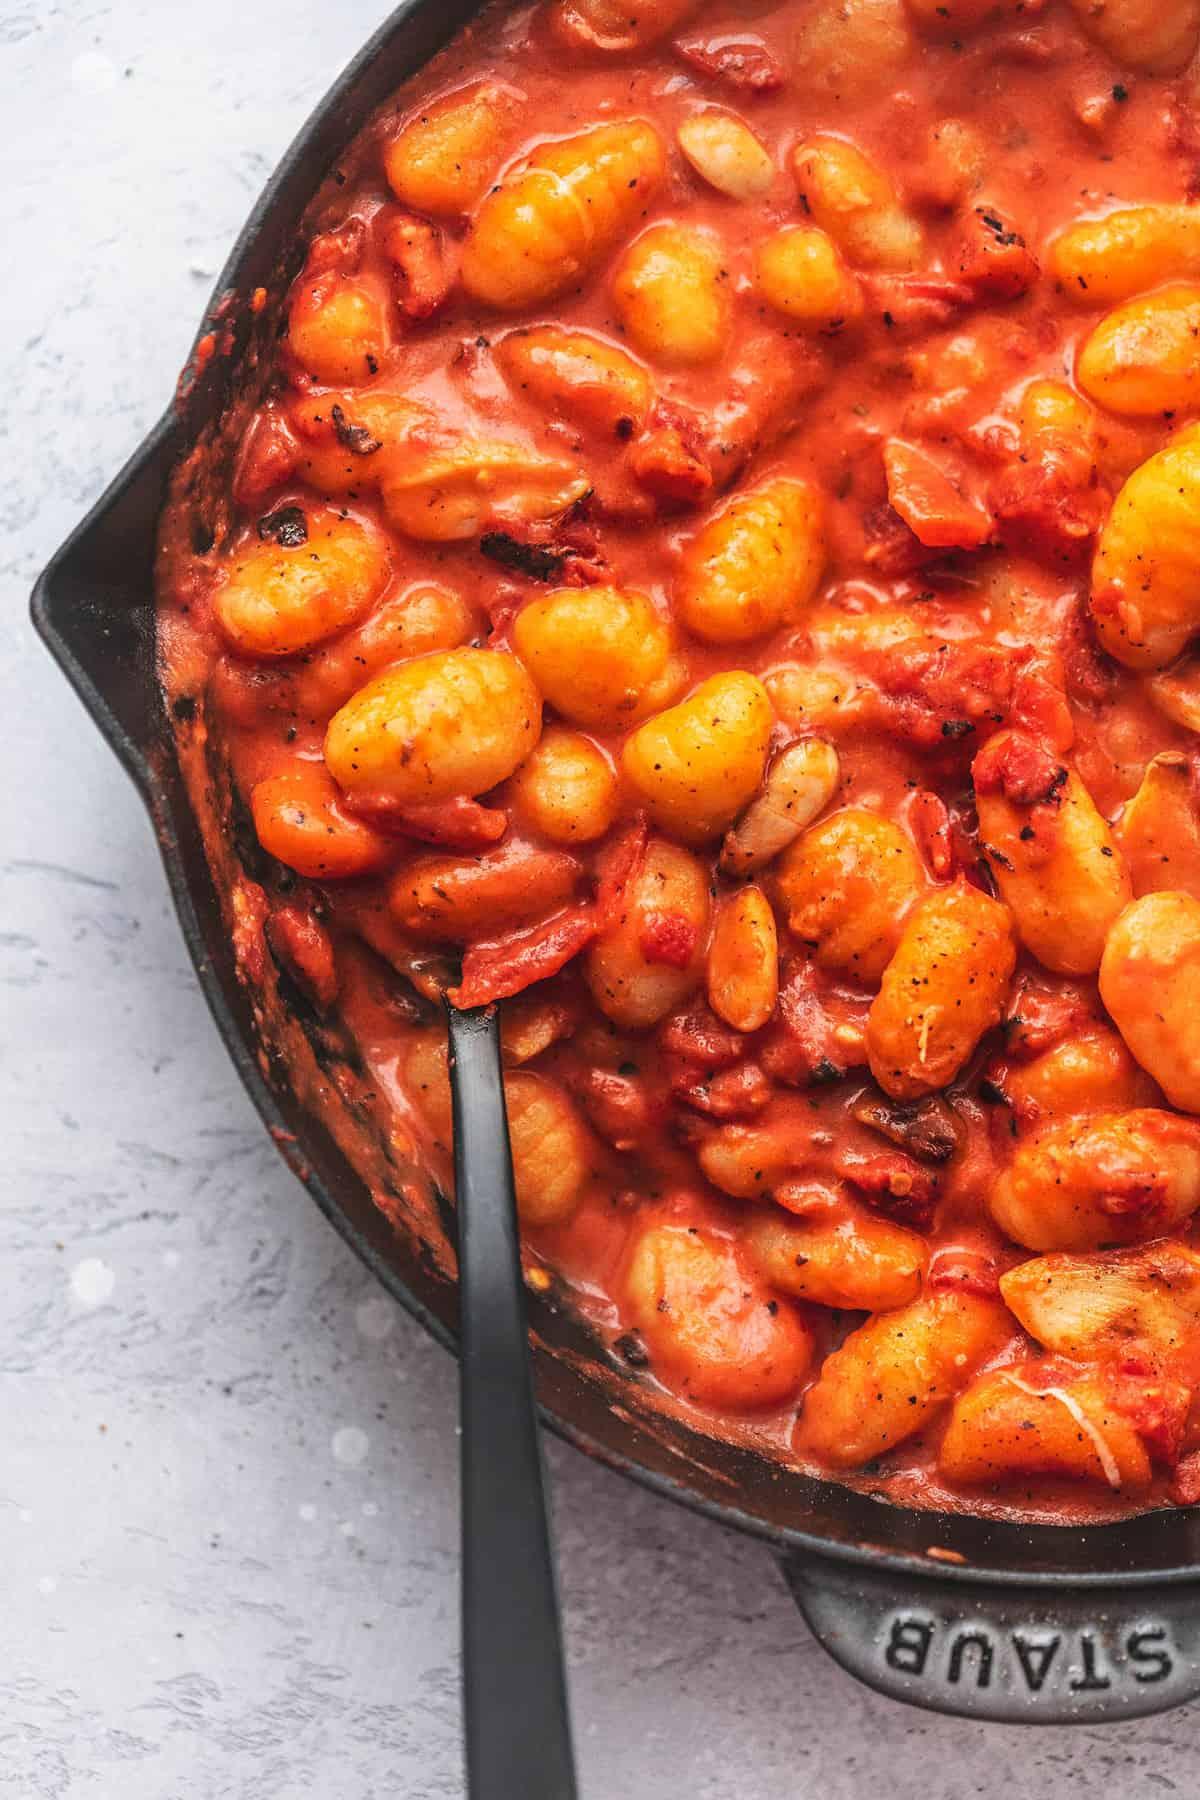 Gnocchi aus der Nähe mit Tomatensauce in einer Pfanne